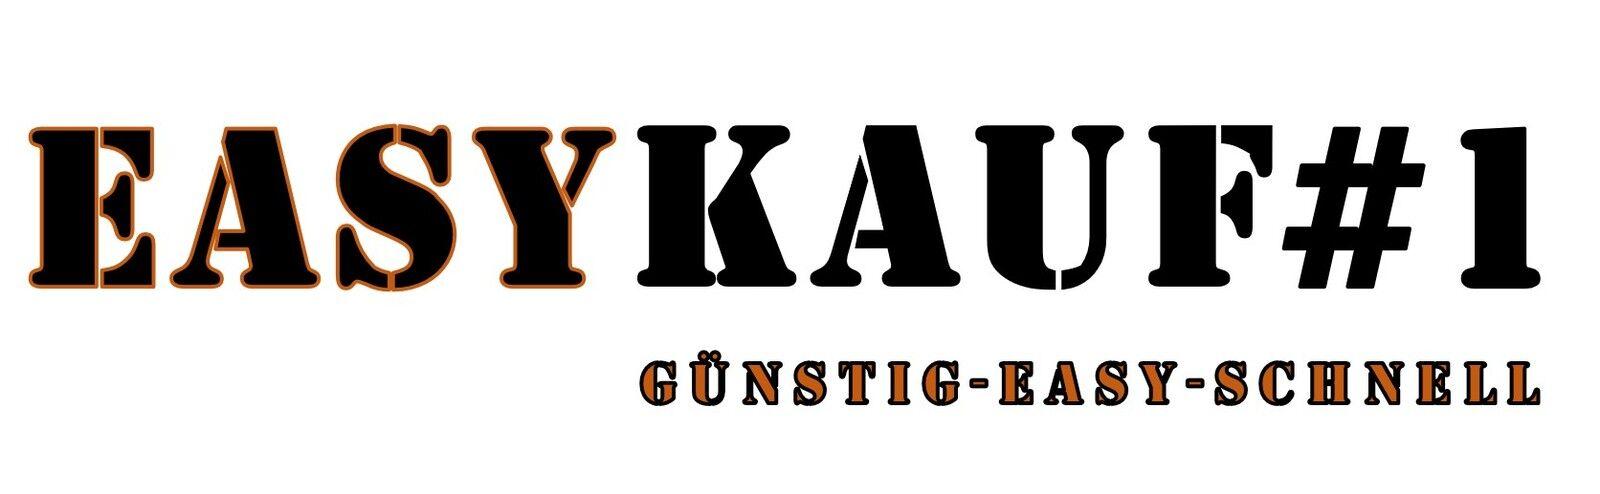 EasyKauf#1 | ebay-Shop